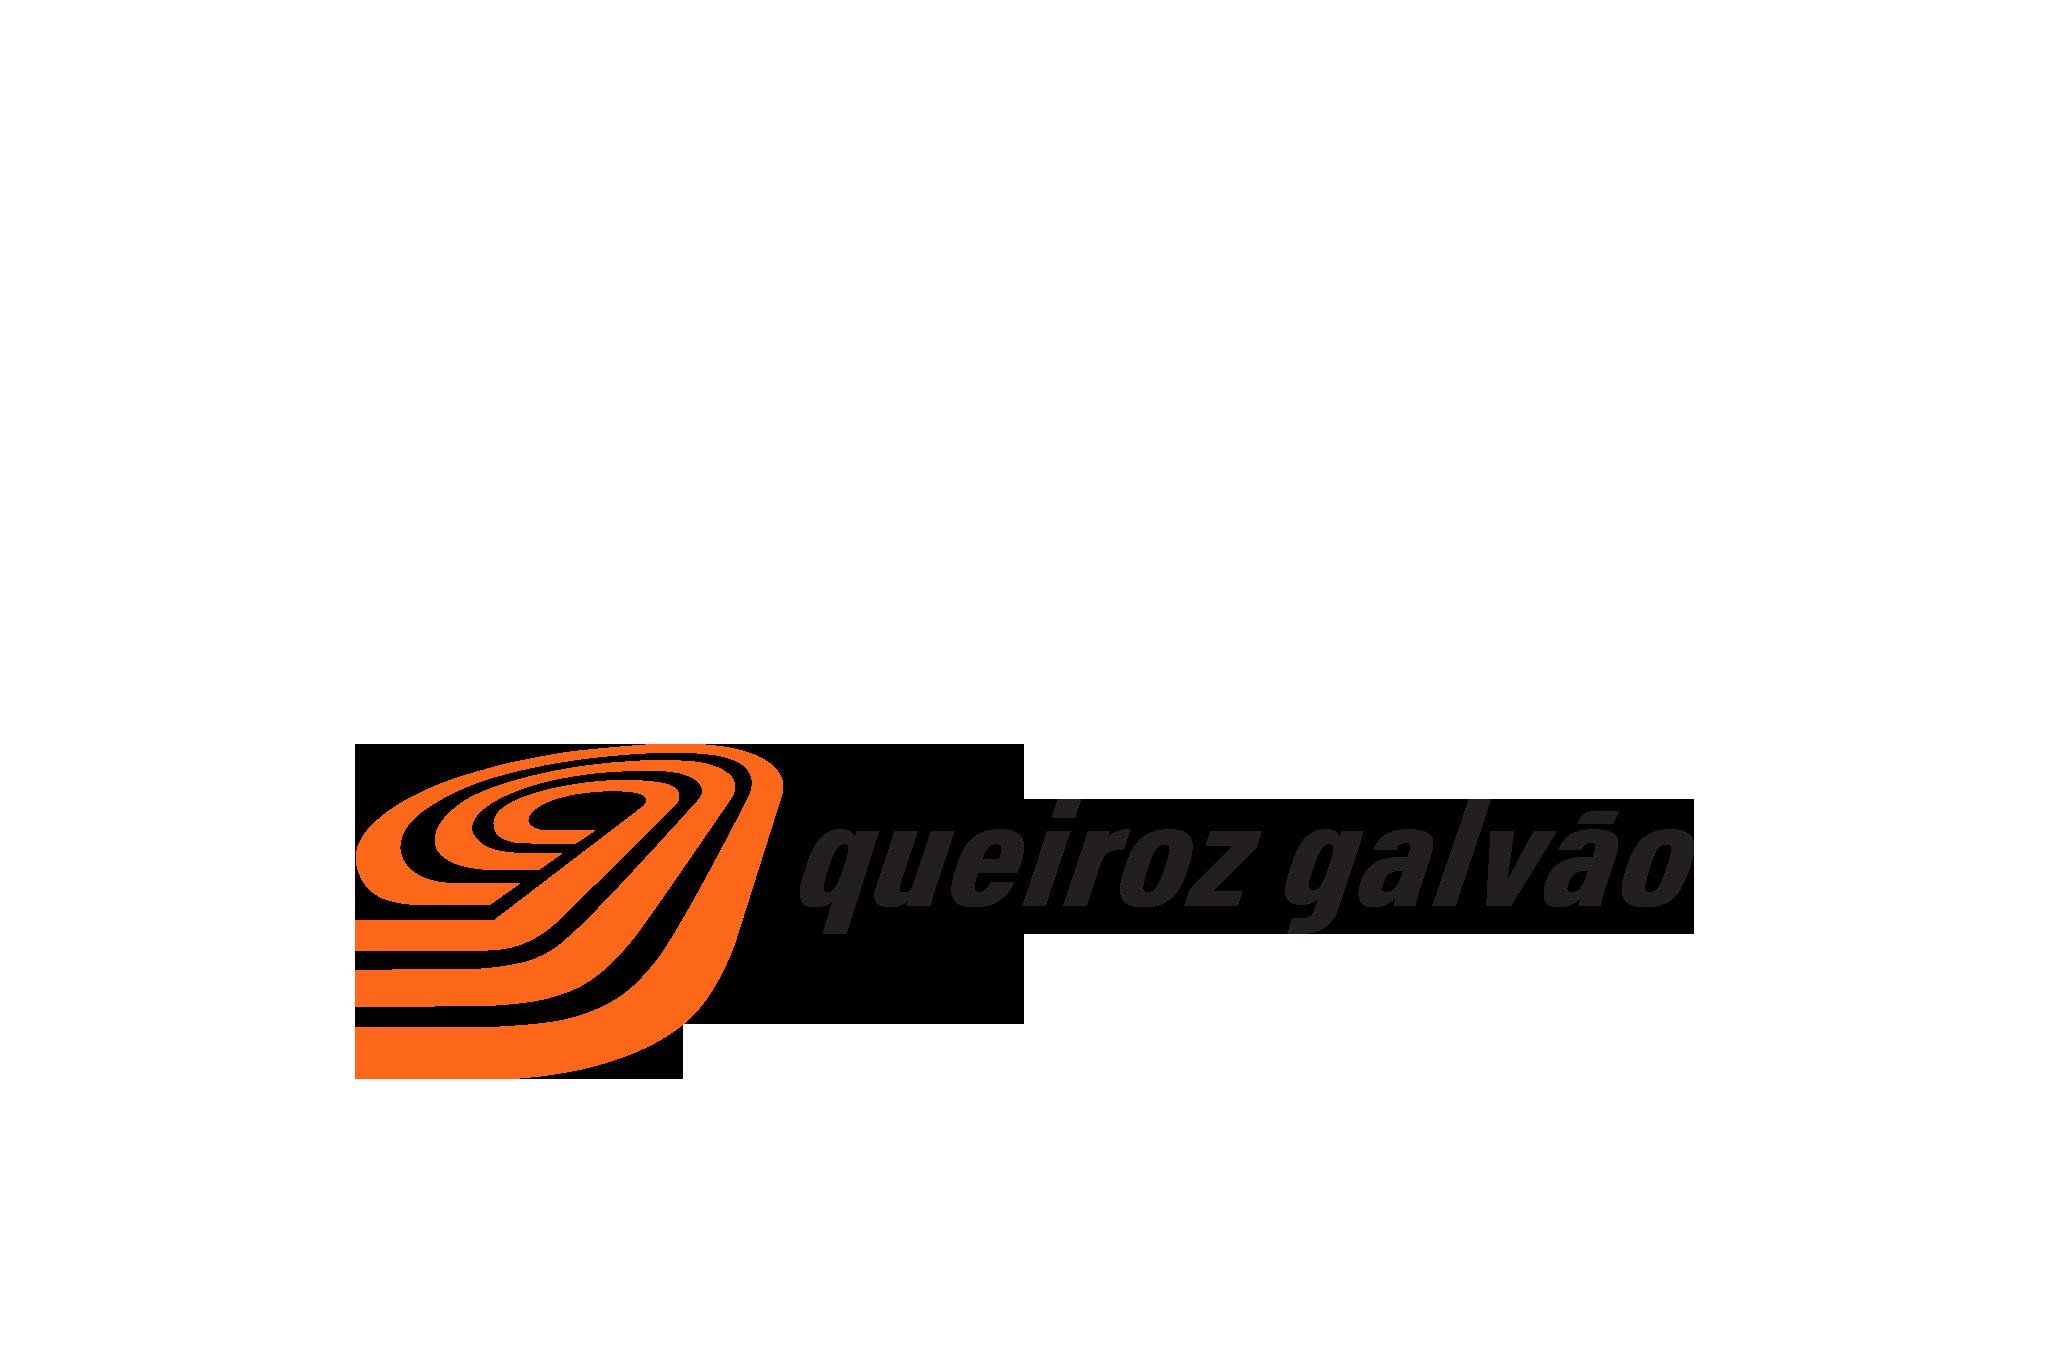 portfolio_marcas_queiroz